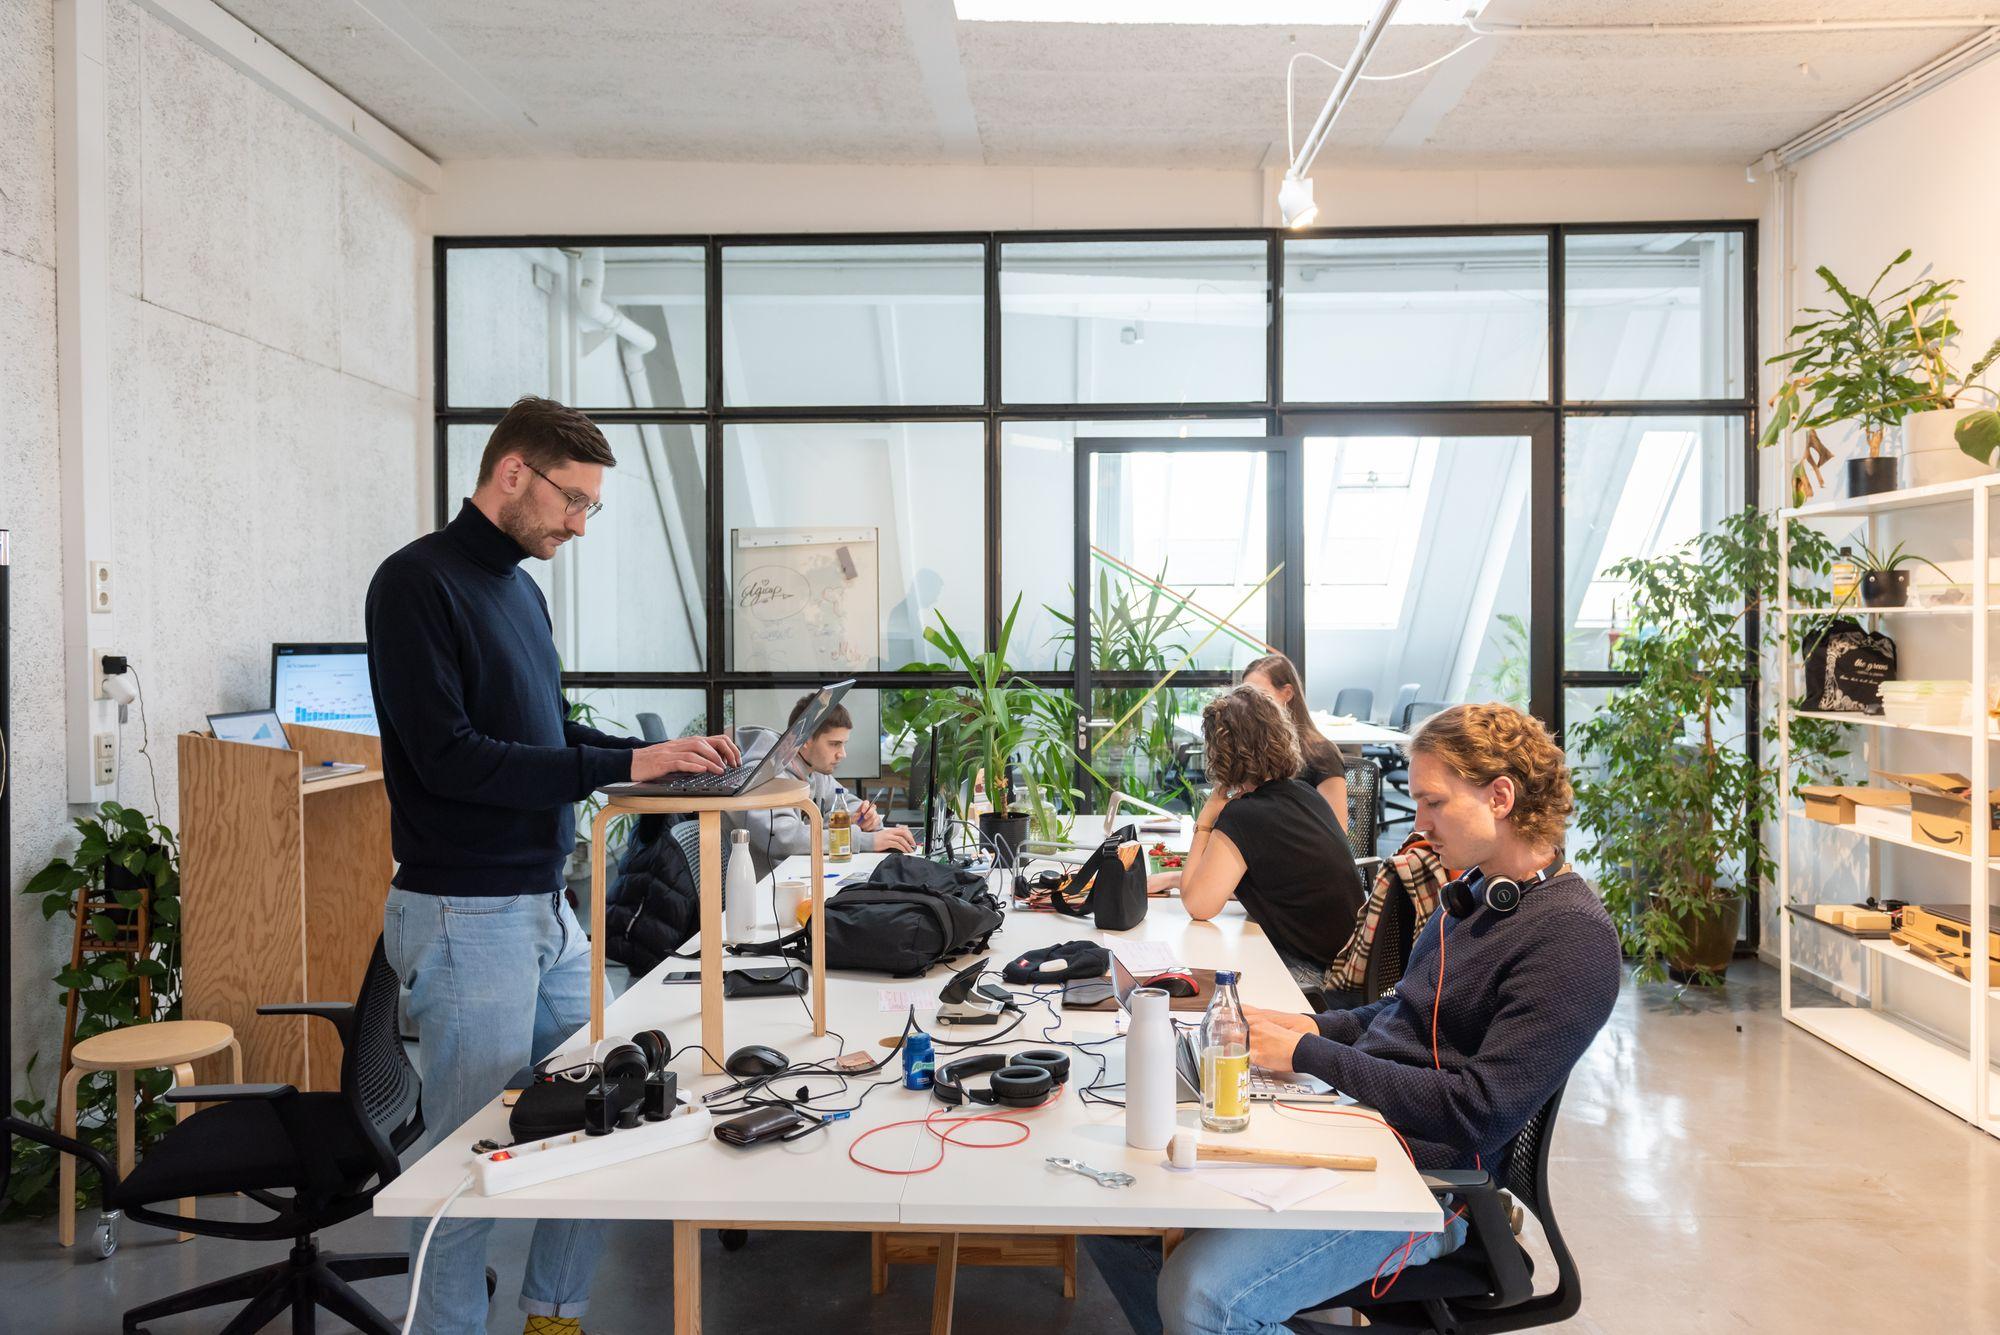 german team working